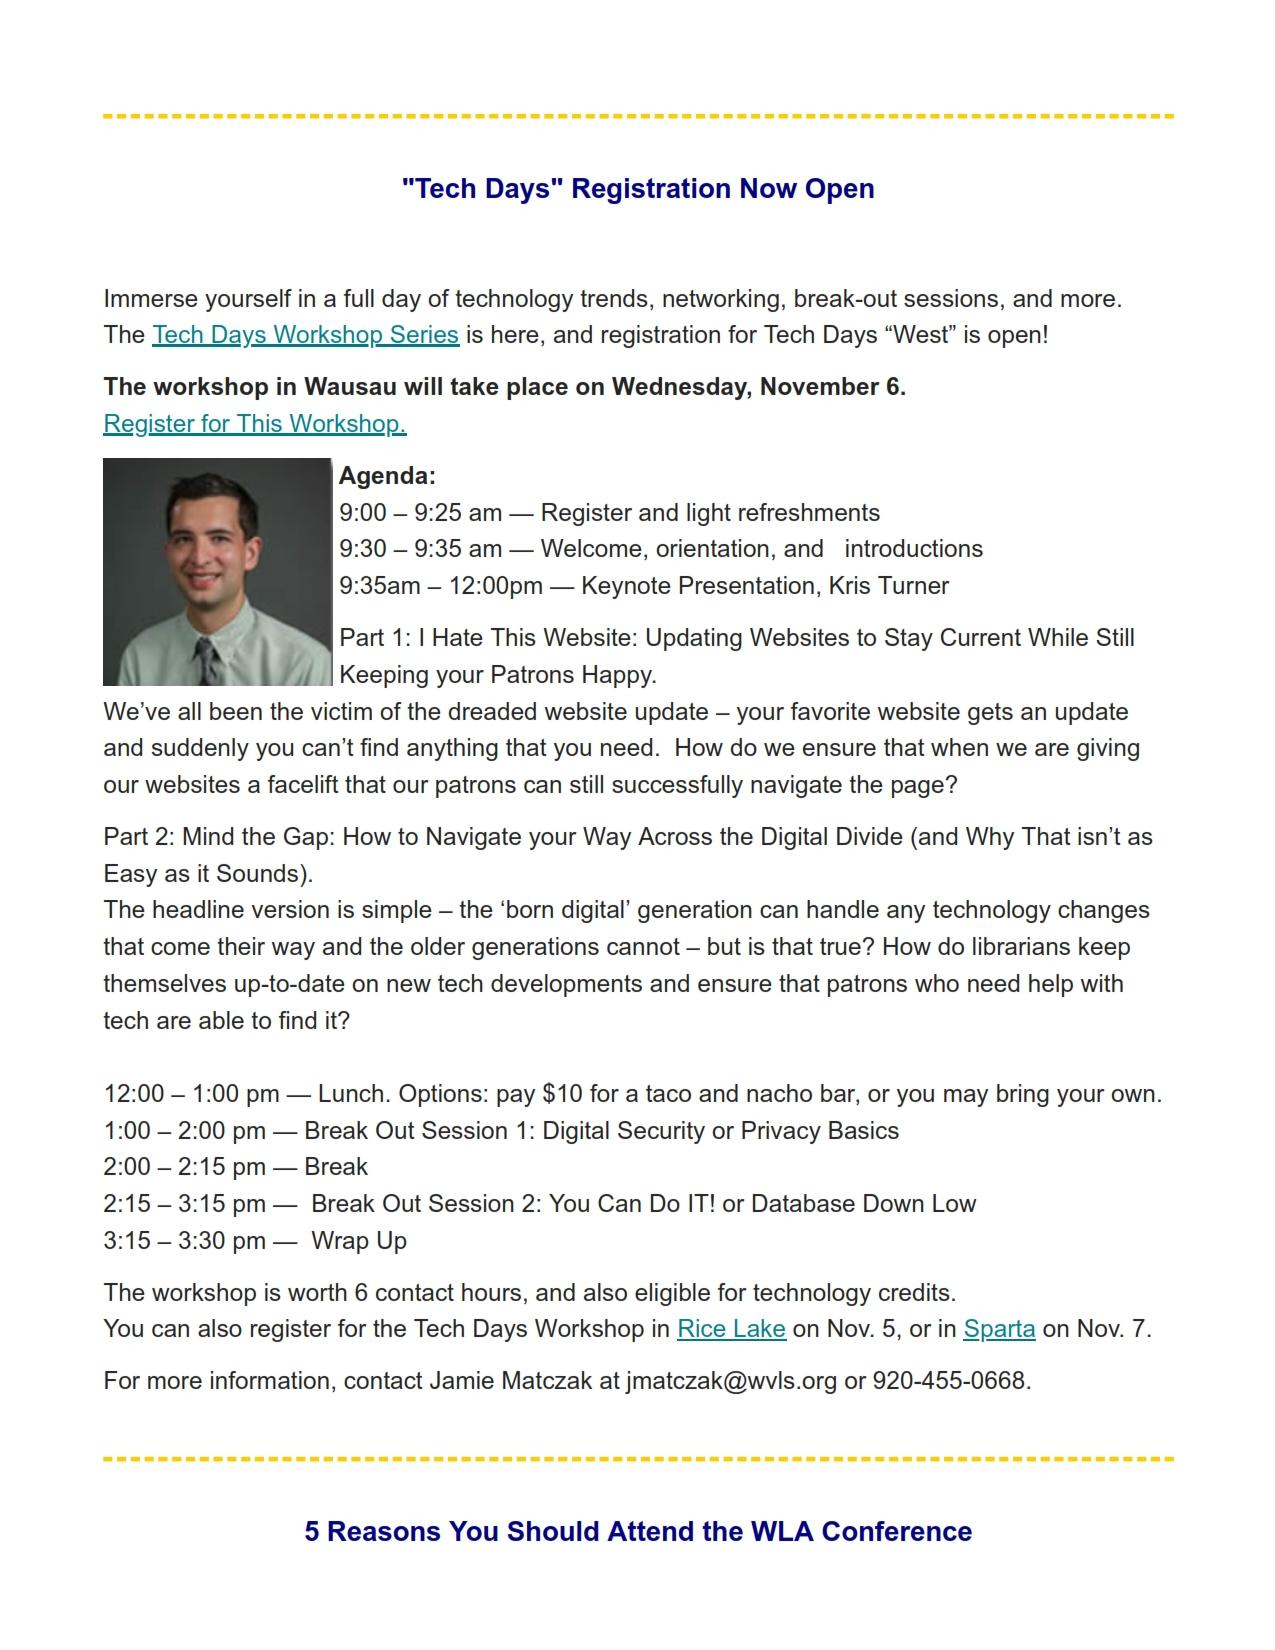 WVLS September Newsletter_002